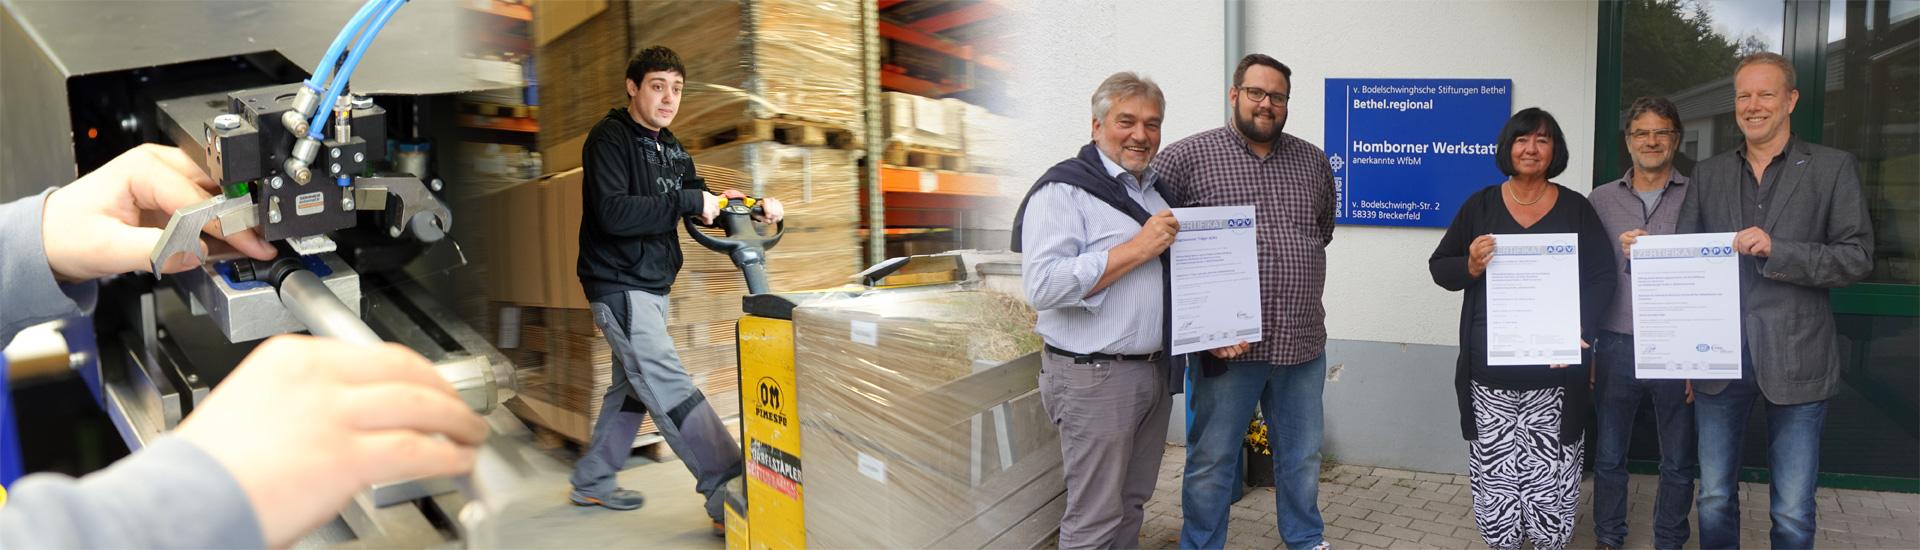 Metallbearbeitung, Verpackung und Versand, Zertifikatsübergabe ISO und AZAV Zertifizierung an die Homborner Werkstatt Bethel.